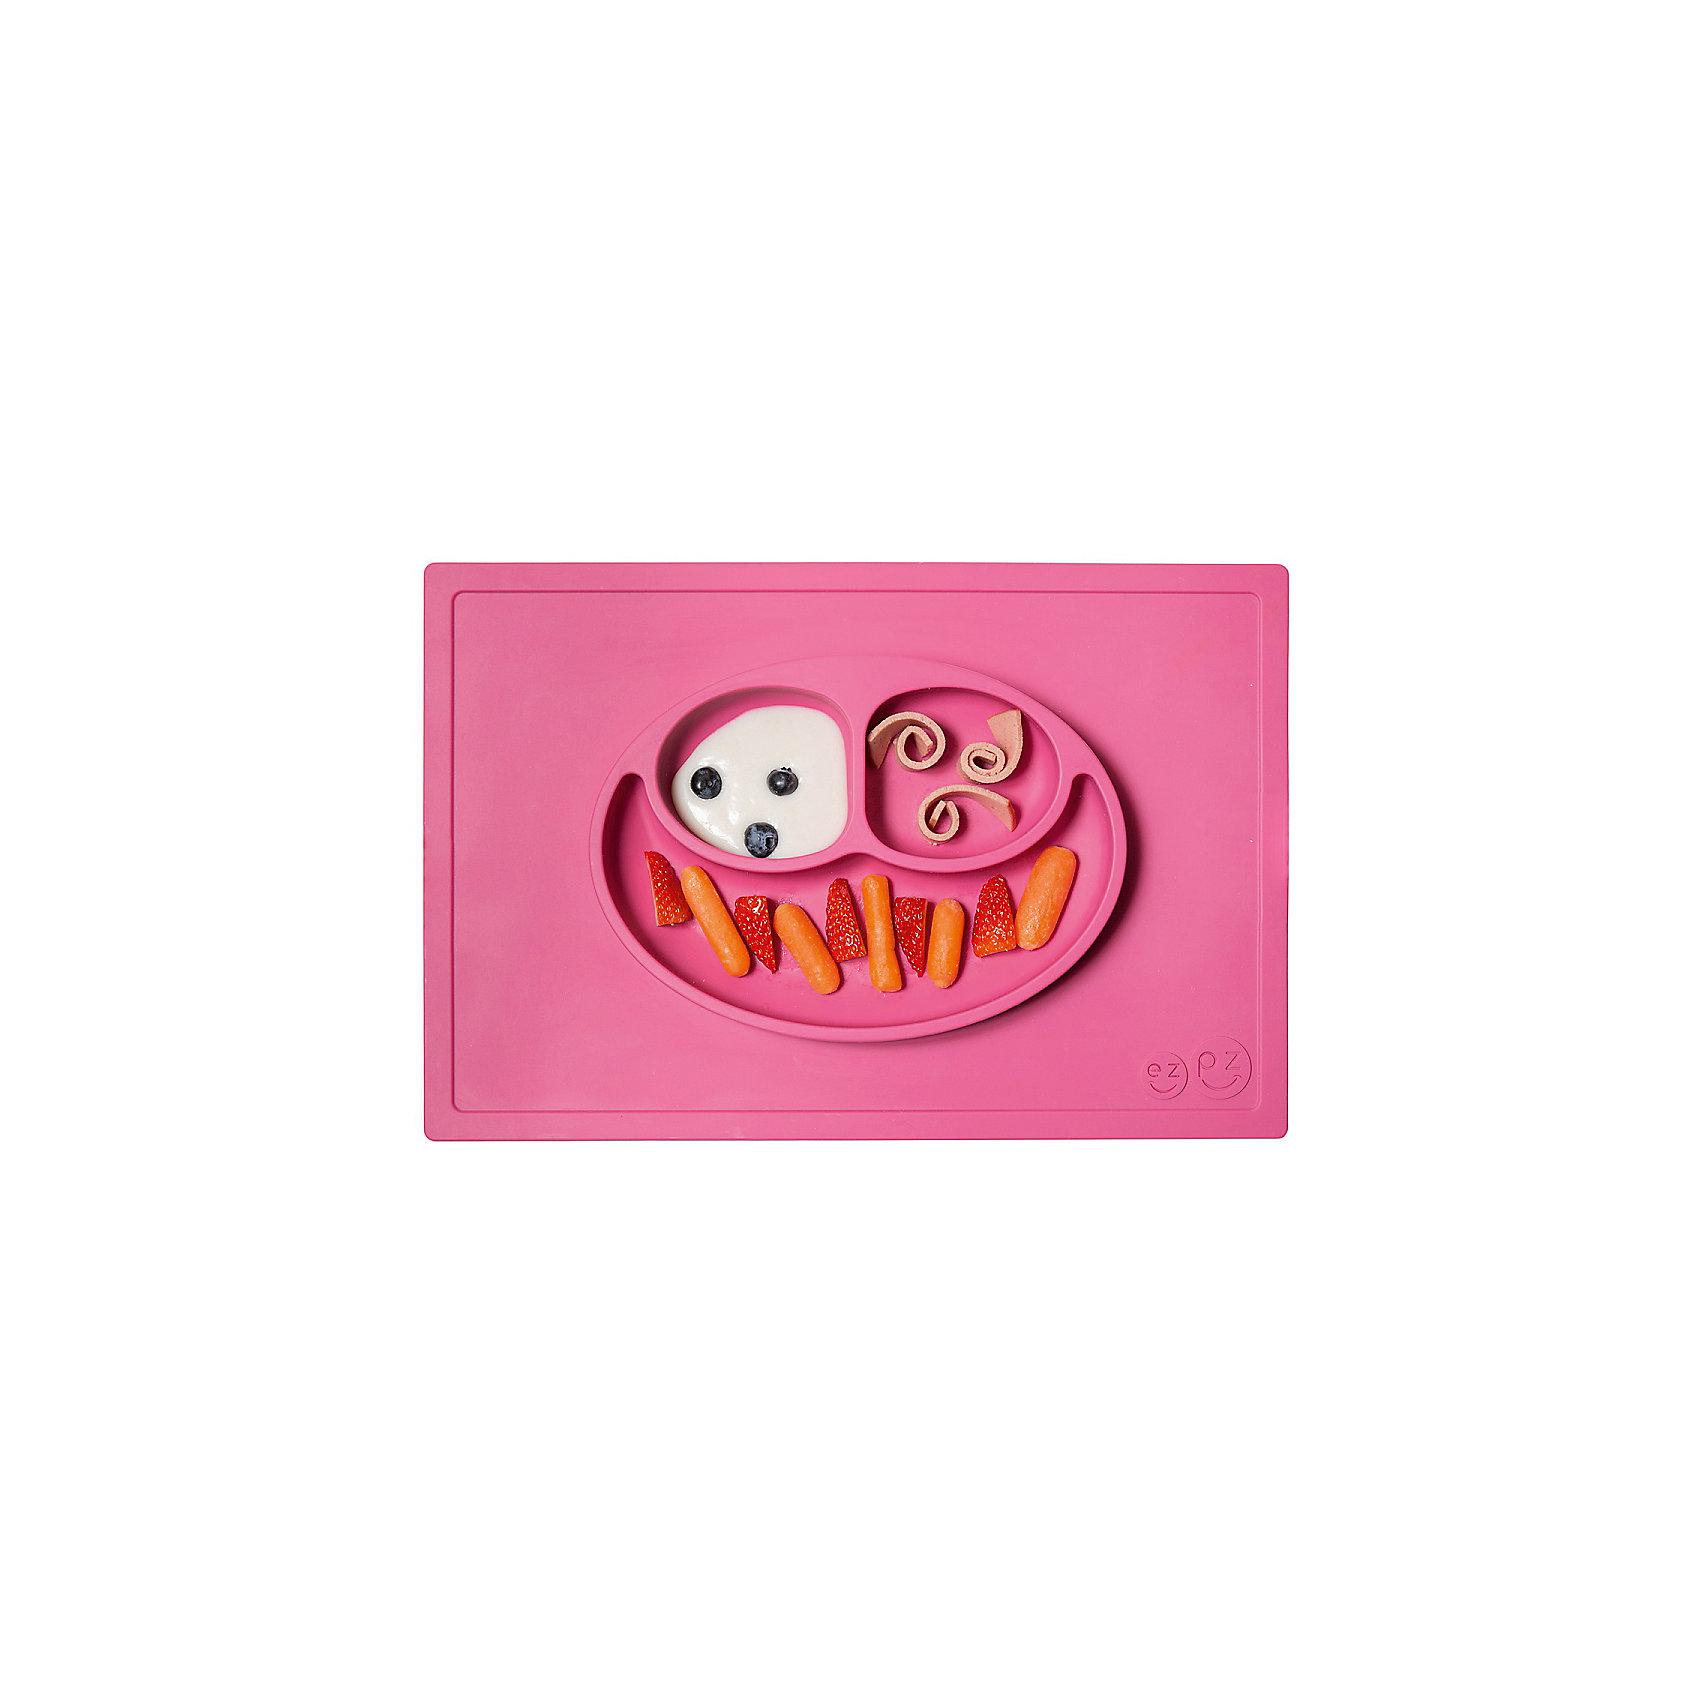 Тарелка трехсекционная с подставкой Happy Mat, 540 мл., ezpz, розовыйПосуда для малышей<br>Тарелка с подставкой Happy Mat, ezpz, розовый.<br><br>Характеристики:<br>• изготовлена из качественного пищевого силикона<br>• надежно крепится к столу<br>• сгибается по краям<br>• 3 отсека для еды<br>• подходит для посудомоечной машины и микроволновой печи<br>• не содержит бисфенол, свинец, фталаты, поливинилхлорид<br>• приятный дизайн<br>• состав: 100% силикон<br>• размер: 38х25,5х3 см<br>• объем: 540 мл<br>• цвет: розовый <br><br>Тарелка с подставкой Happy Mat, ezpz пригодится, если в доме живут маленькие непоседы. Тарелка имеет 3 глубоких отсека, что позволяет подавать еду раздельно. Вы сможете одновременно подать к столу мясо, гарнир и фрукты, не пачкая лишнюю посуду. Дно тарелки надежно крепится к плоской поверхности - вы можете не переживать, что малыш опрокинет еду и обожжется. Приятный дизайн тарелки понравится ребенку, и он обязательно будет есть с аппетитом!<br><br>Тарелку с подставкой Happy Mat, ezpz, розовый можно купить в нашем интернет-магазине.<br><br>Ширина мм: 380<br>Глубина мм: 25<br>Высота мм: 255<br>Вес г: 701<br>Возраст от месяцев: 0<br>Возраст до месяцев: 36<br>Пол: Унисекс<br>Возраст: Детский<br>SKU: 5068705